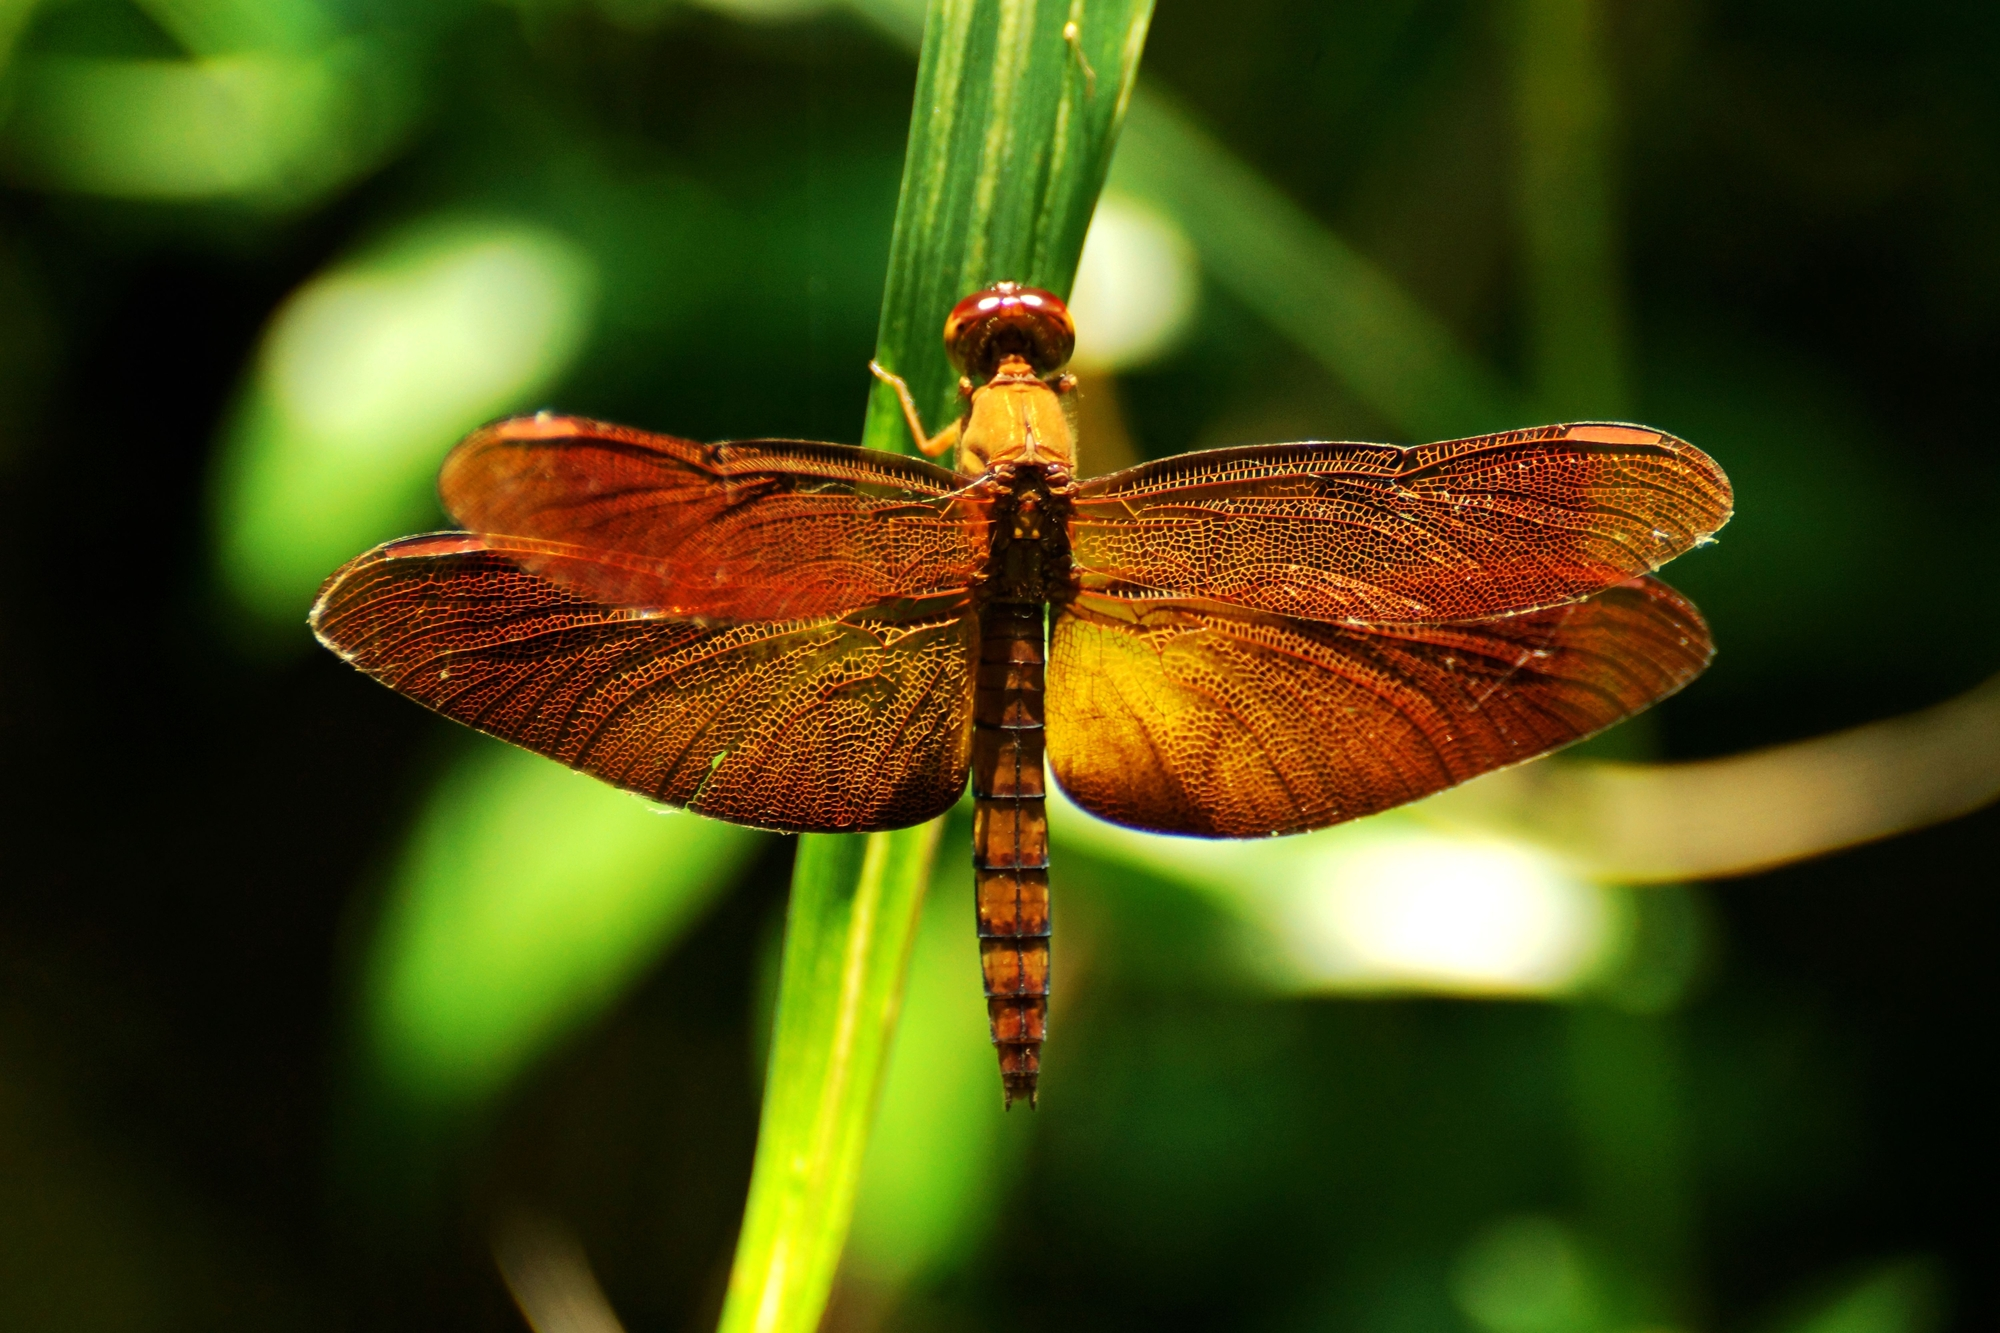 Изменения климата меняют иповедение насекомых, заставляя их менять привычные ареалы обитания.